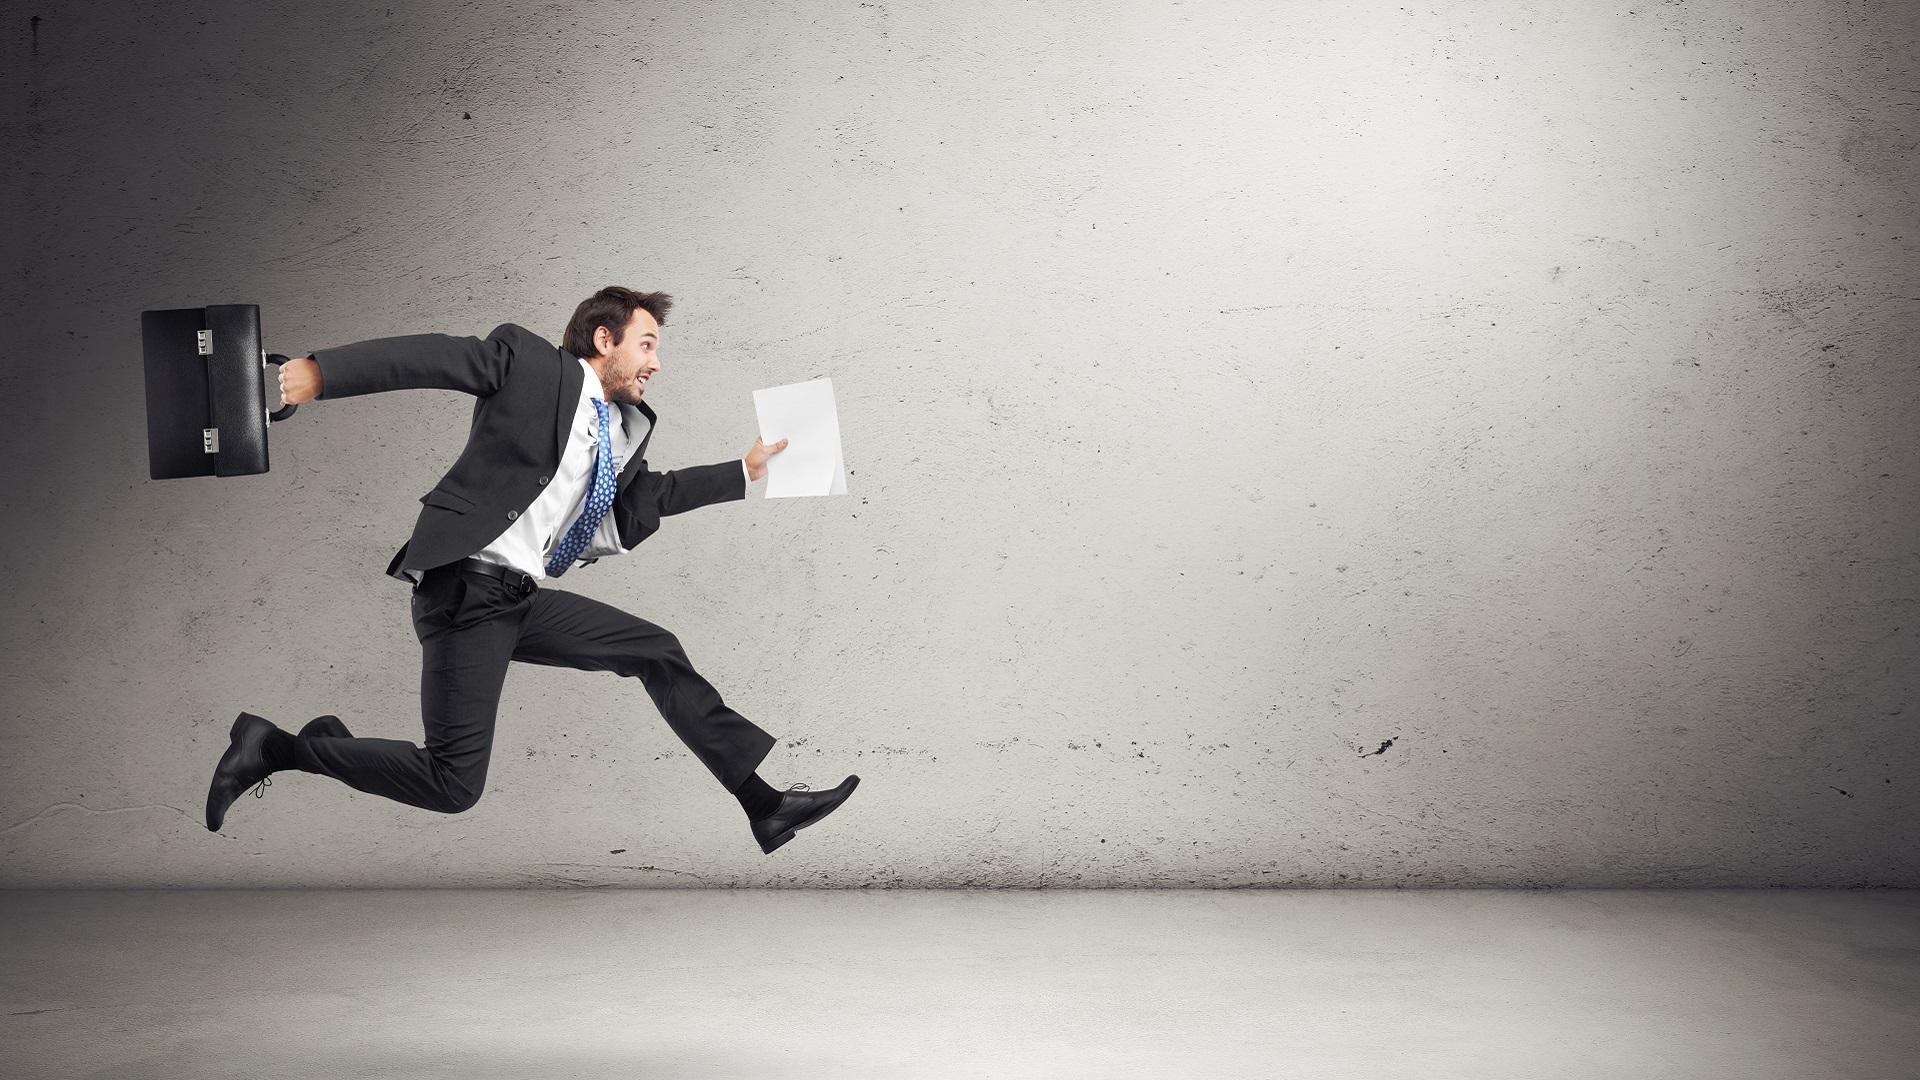 Na imagem há um homem vestido de terno, com uma maleta e papel em mãos, correndo como se estivesse participando de uma corrida com obstáculos.